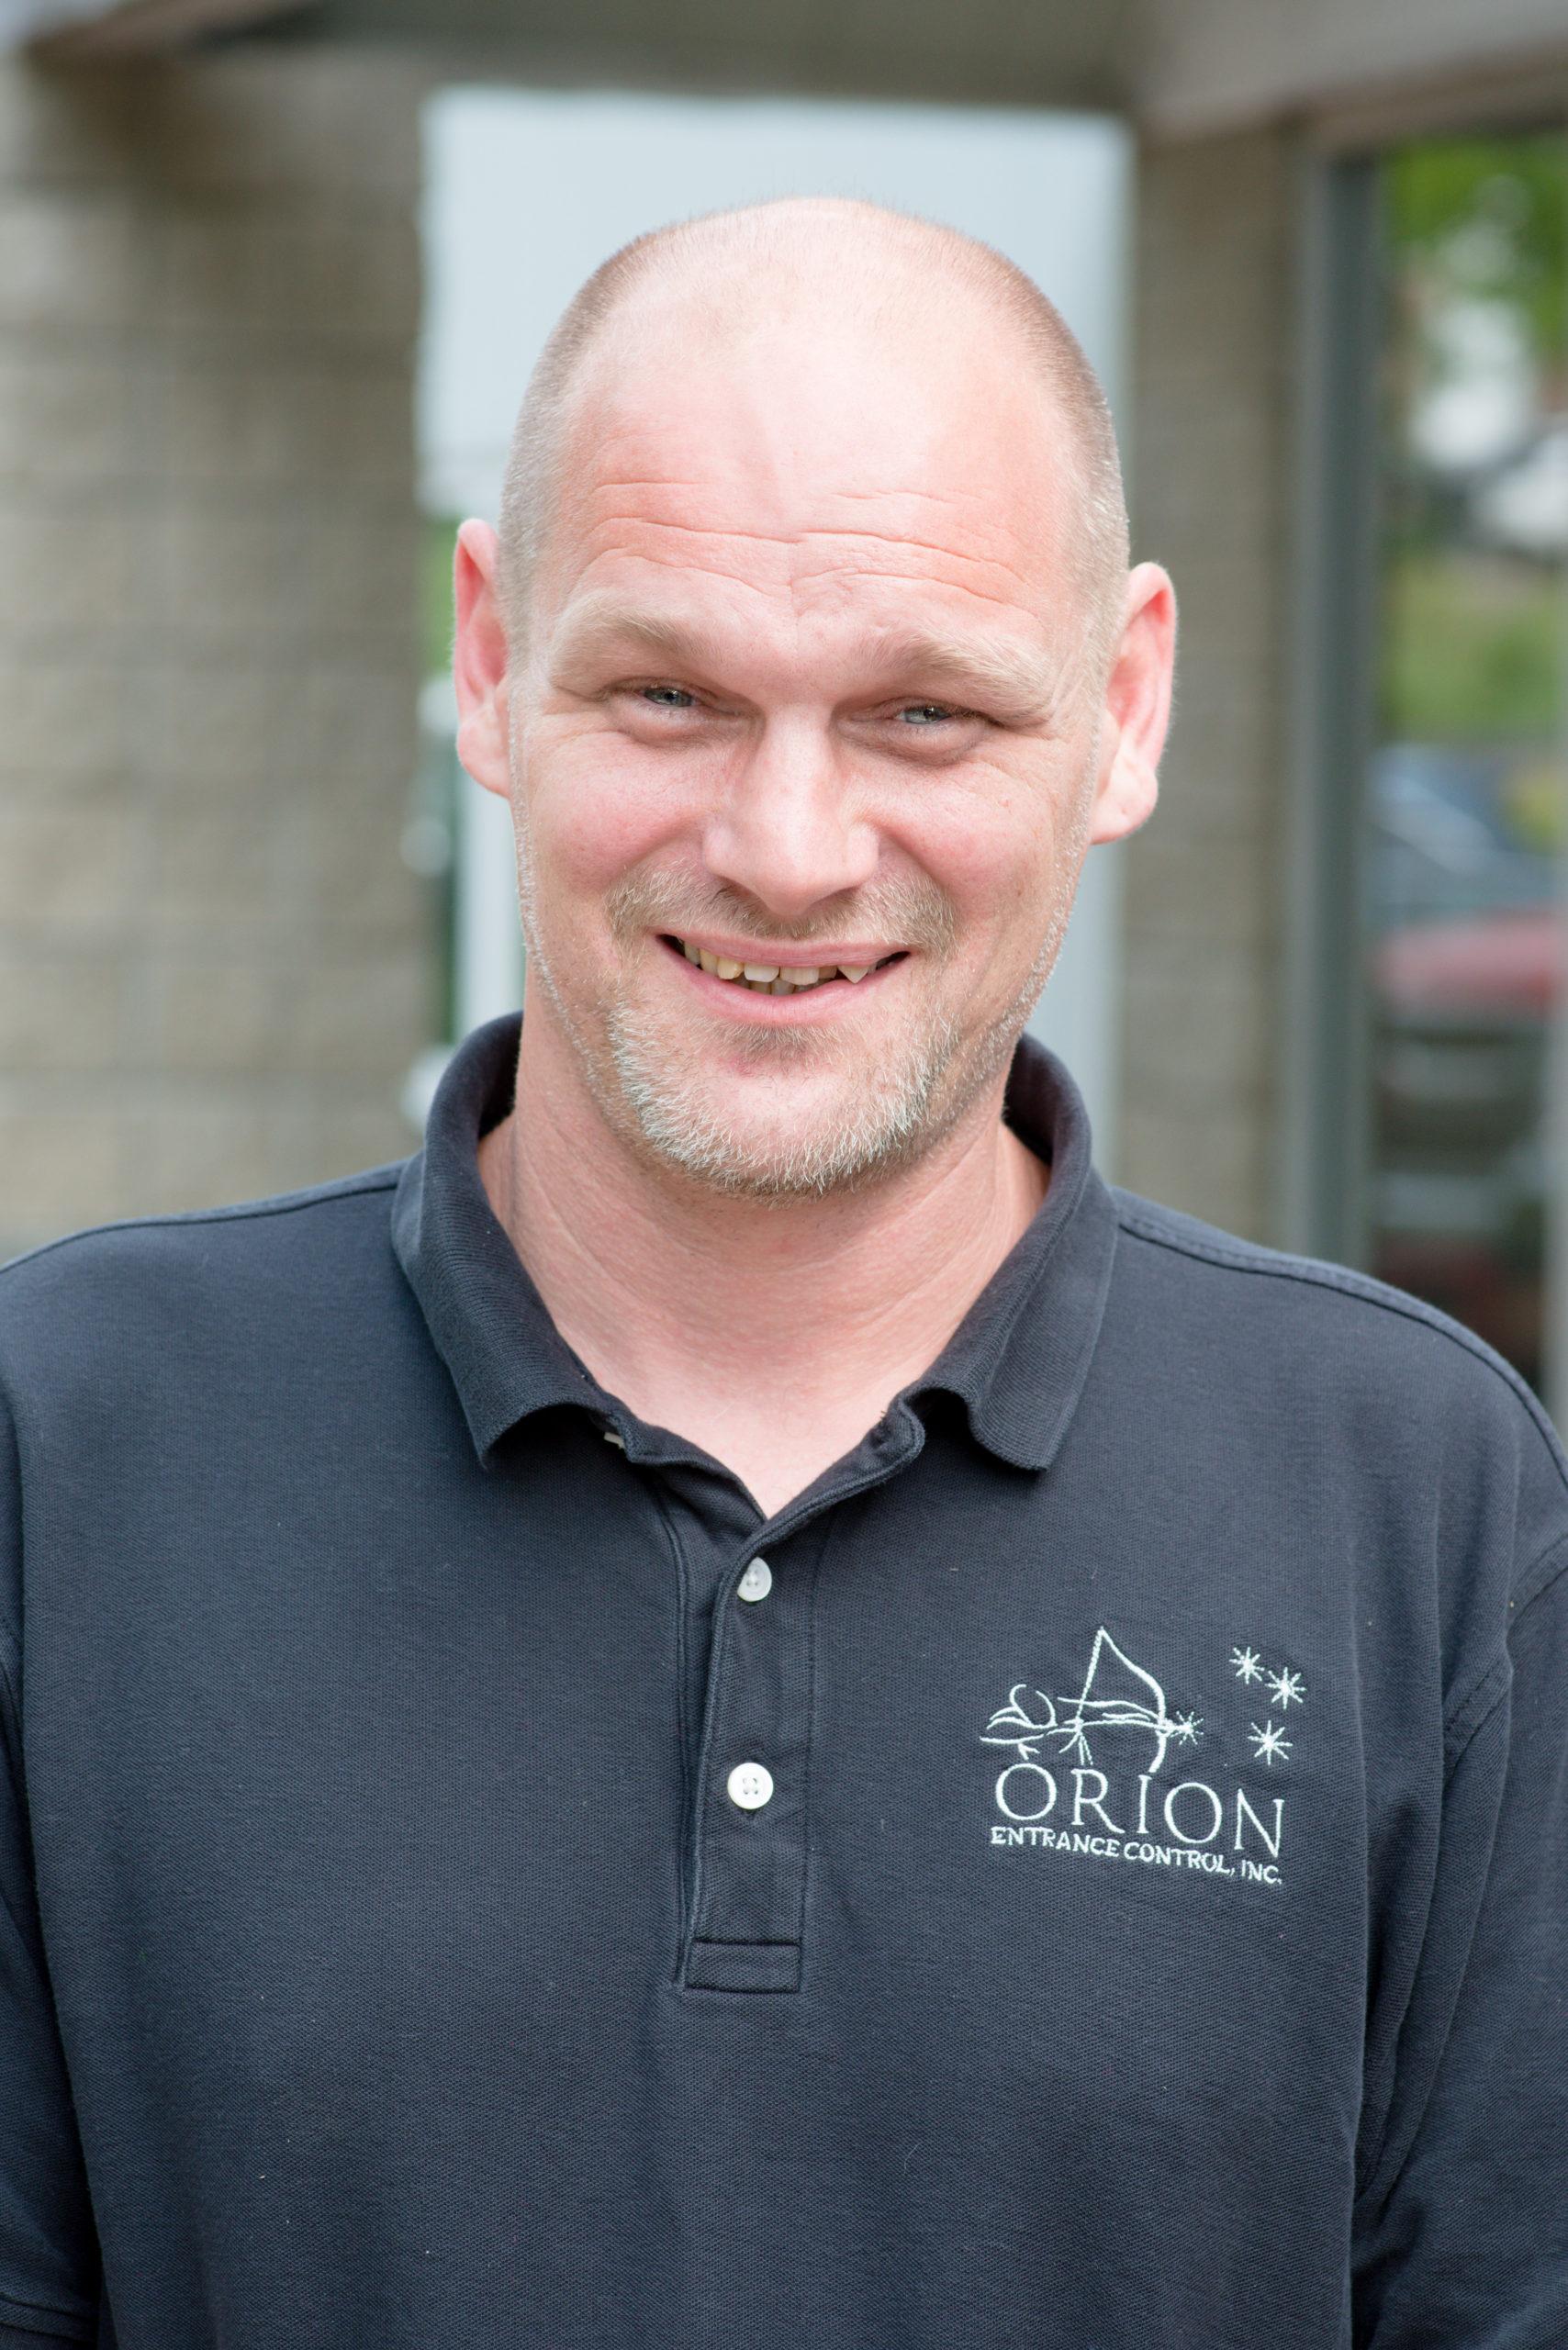 Roger Shepherd Orion ECI